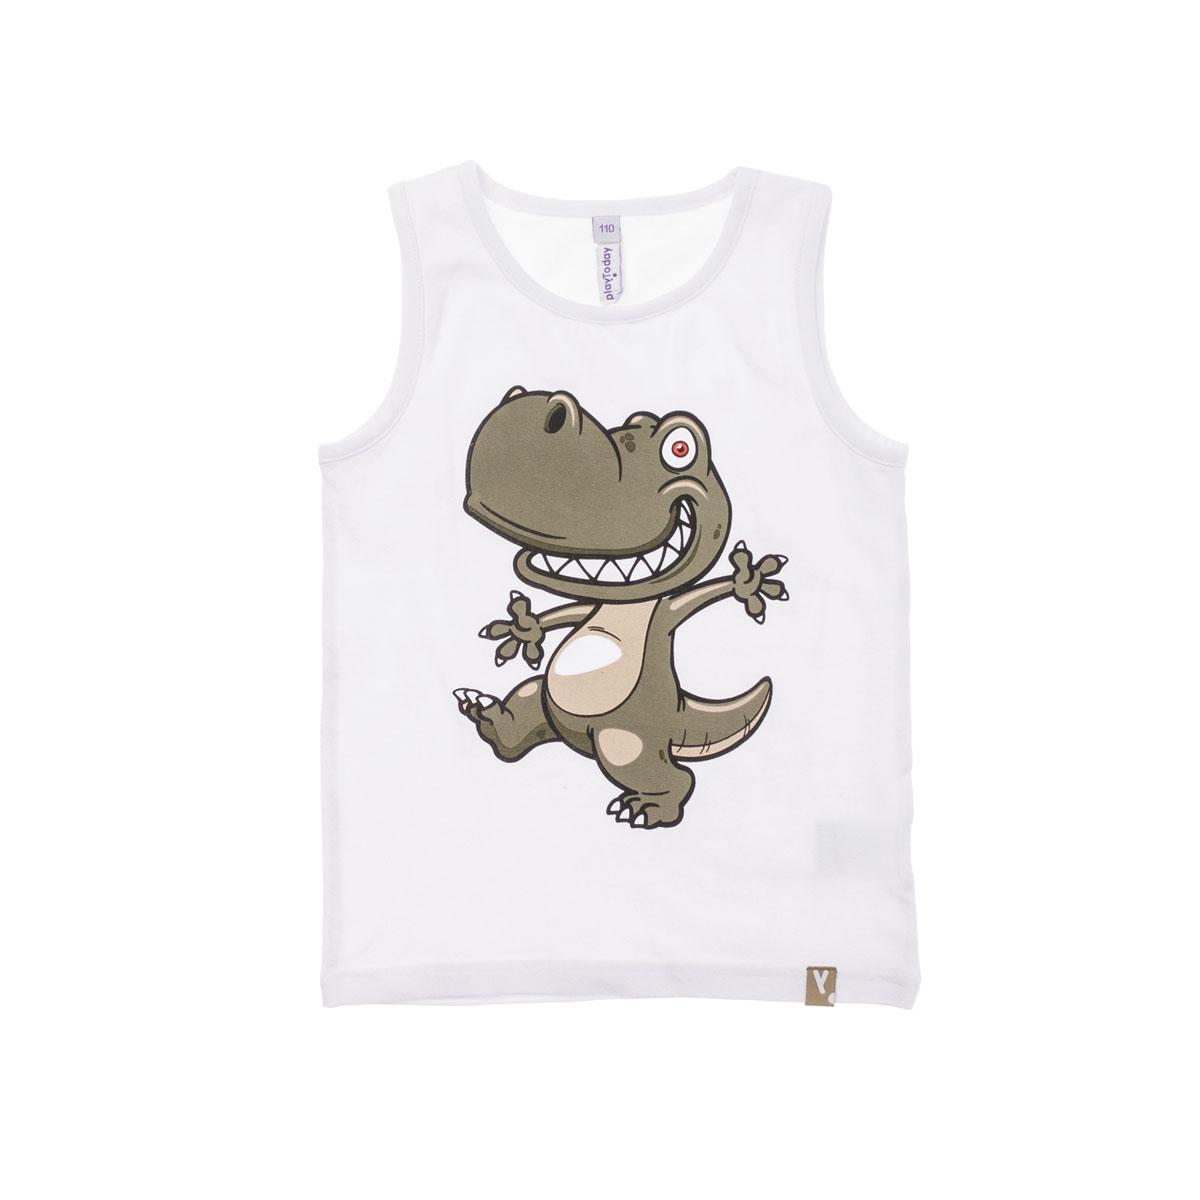 Майка для мальчиков. 261018261018Легкая хлопковая майка белого цвета. Водный принт с динозавром понравится маленькому первооткрывателю.